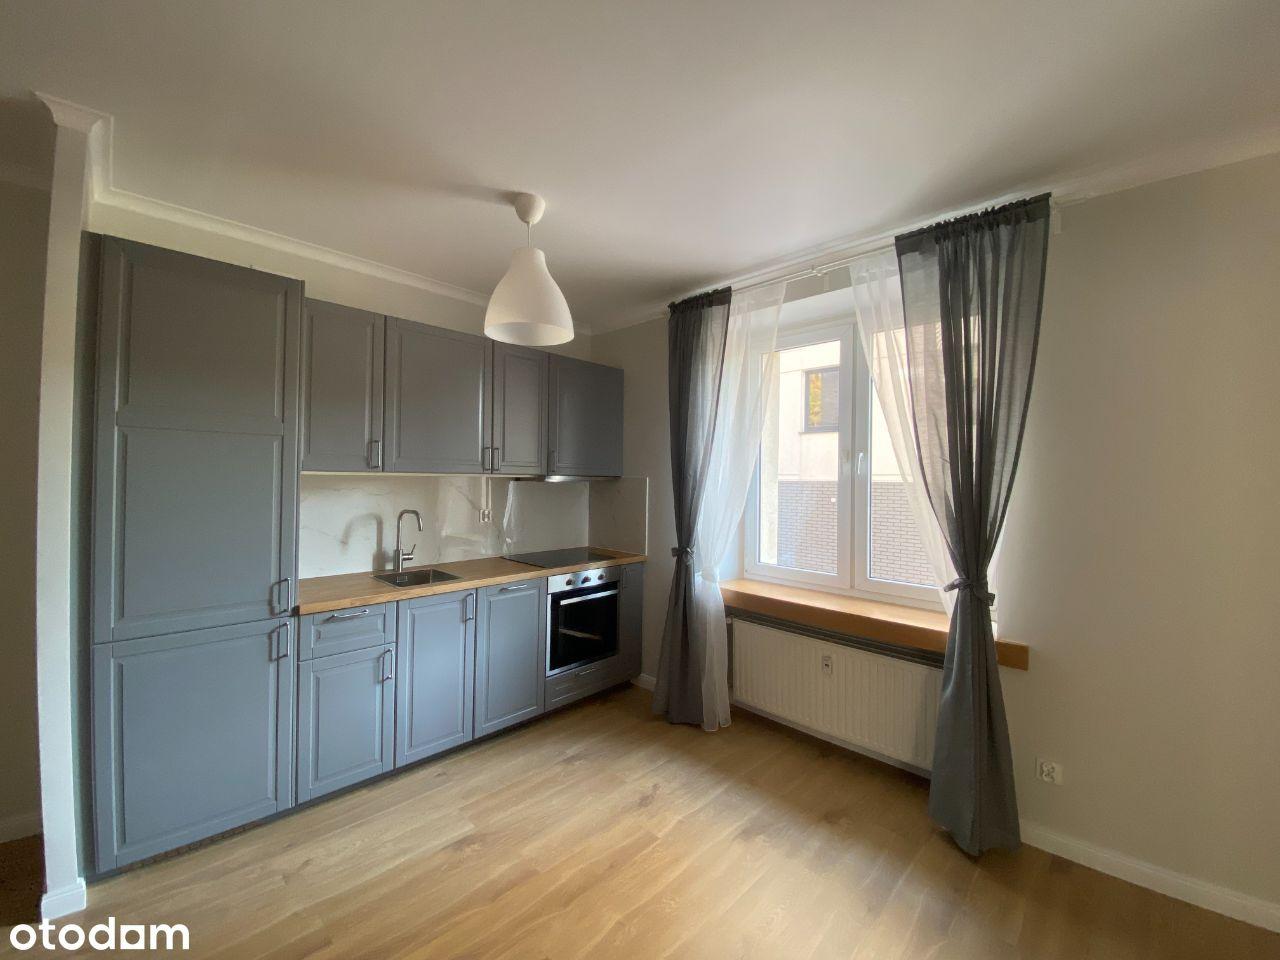 2-pokojowe mieszkanie po generalnym remoncie